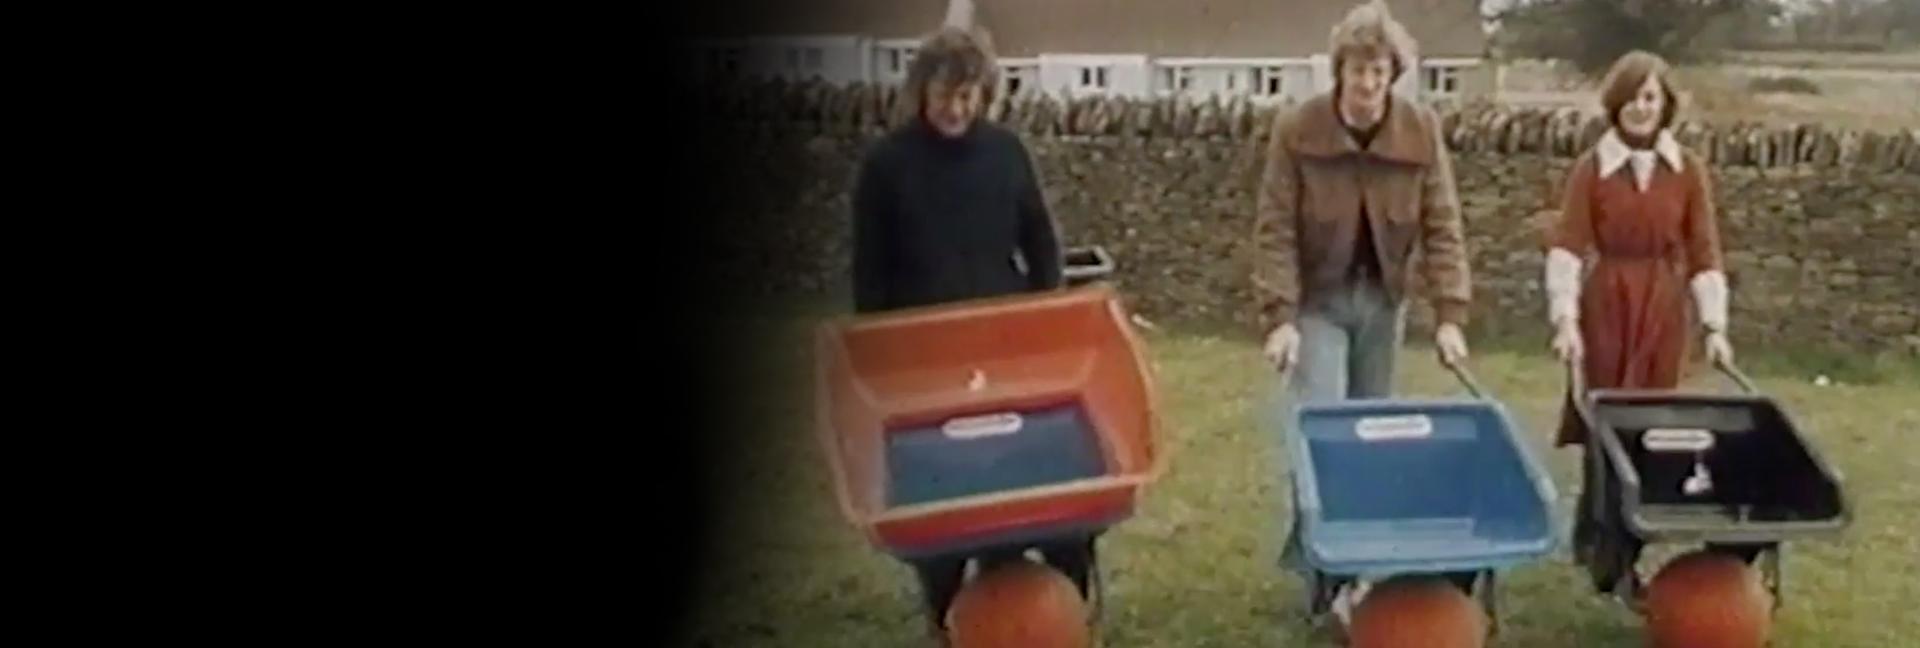 James and Deirdre Dyson pushing Ballbarrows around a garden